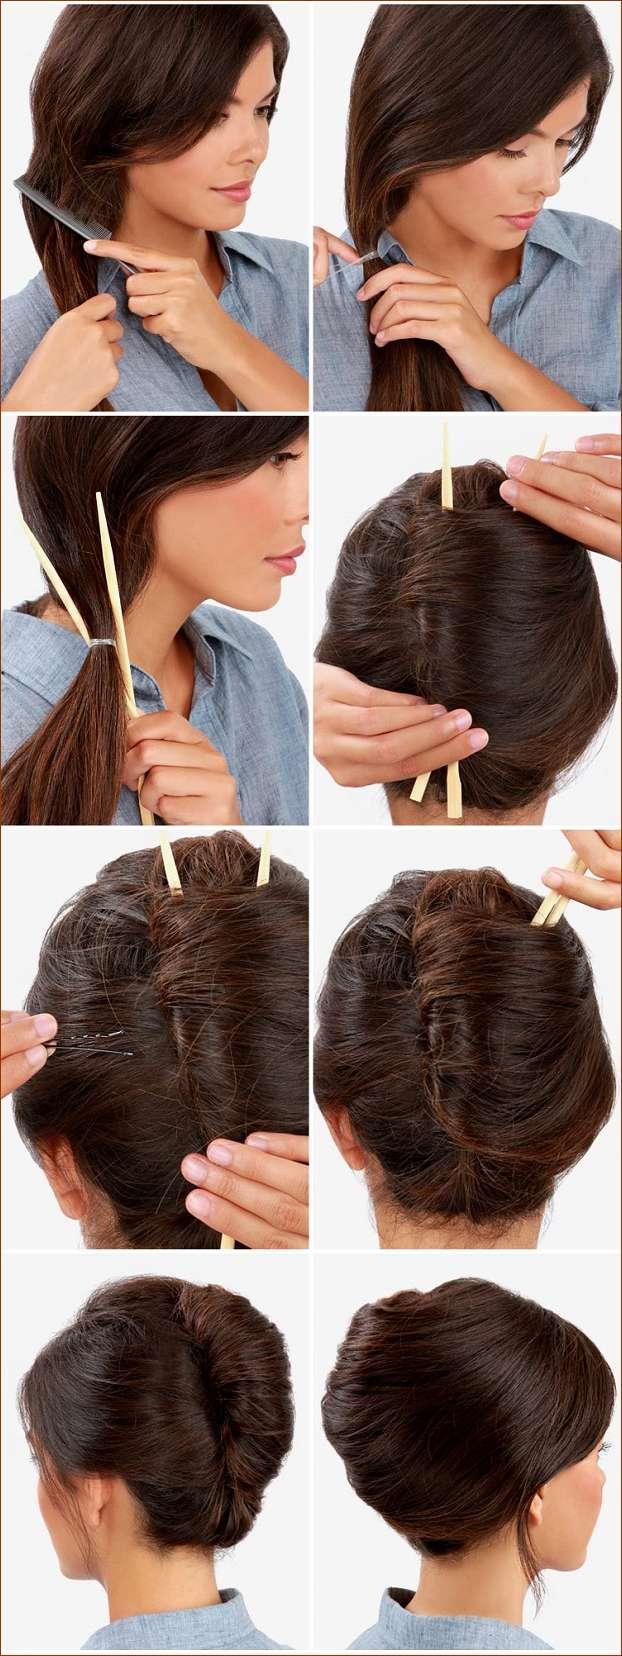 بستن مو به سبک فرانسوی